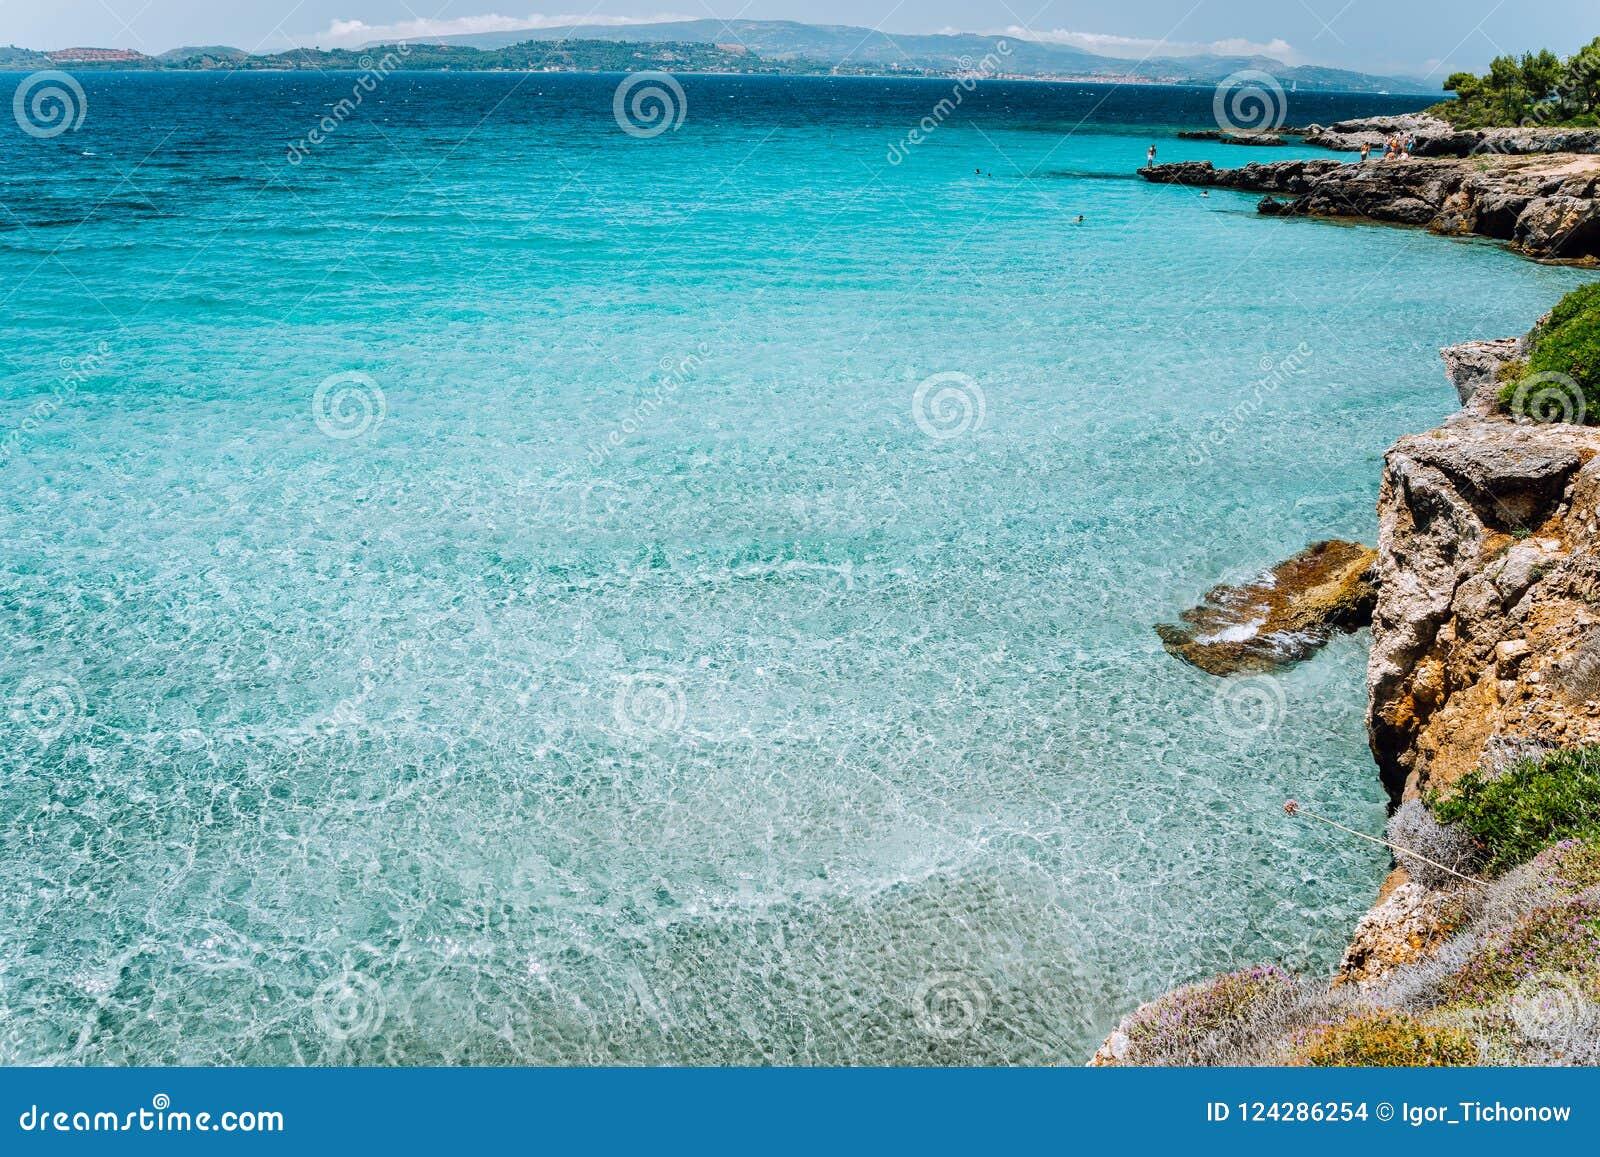 Angra tranquilo pequena com água azul rasa calma Floresta acolhedor do pinho ao longo da baía costal rochosa bonita idyllic